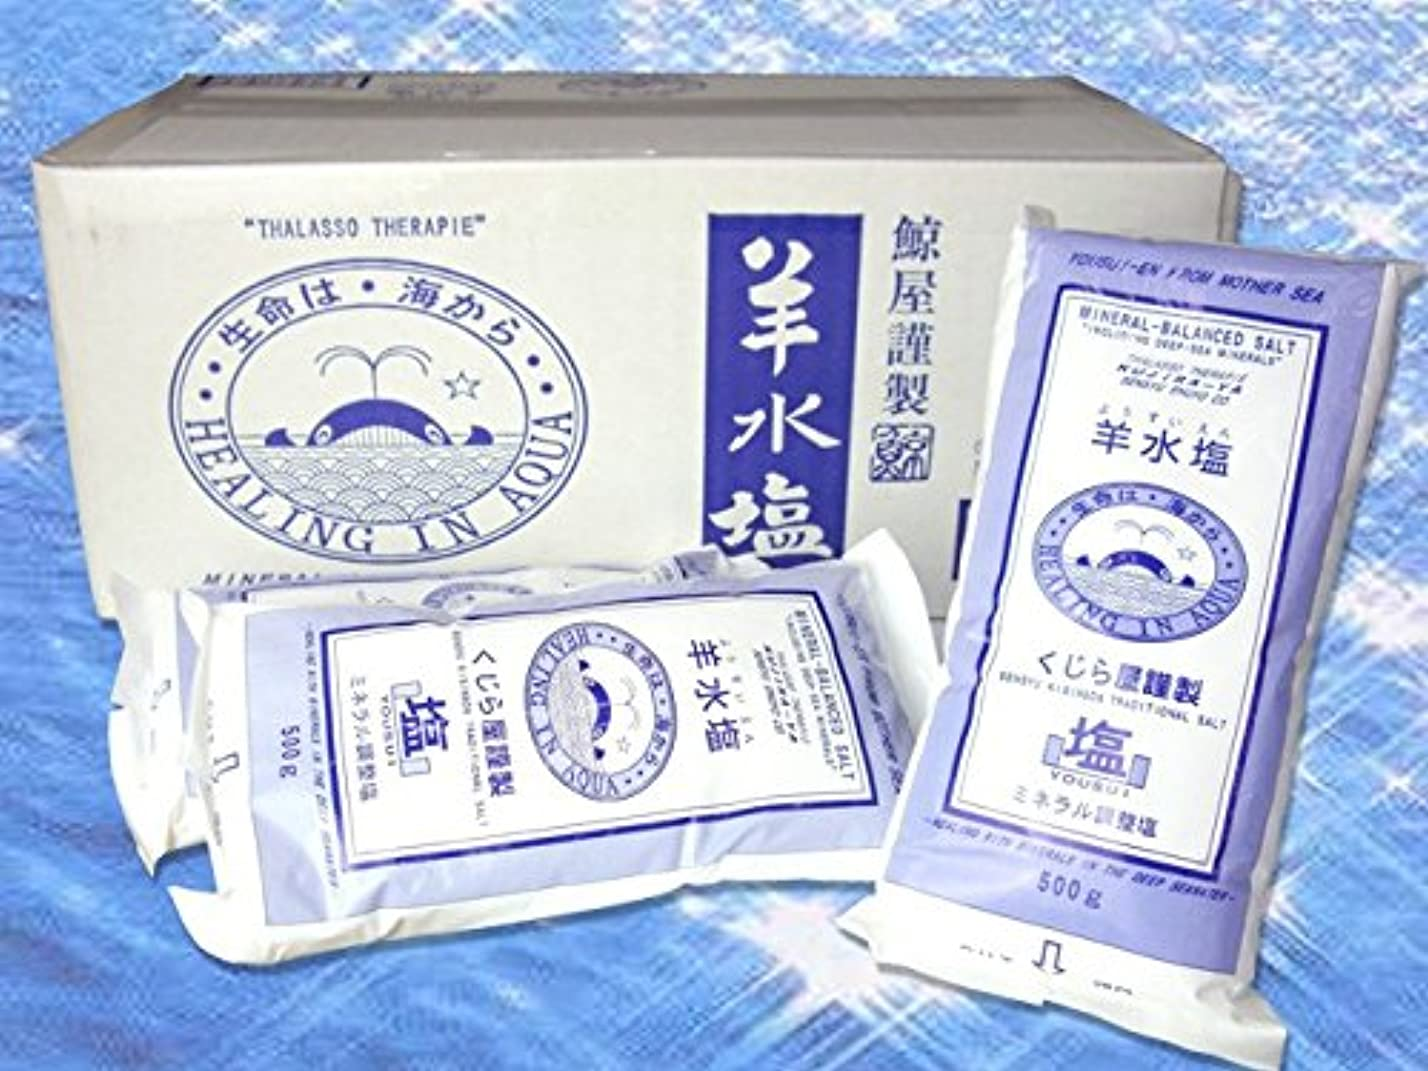 一緒にゾーン参照する美容 入浴剤 羊水塩 500g×20袋 ミネラルや海洋深層水イオン等を人体液と同様に配合 ミネラル調整塩